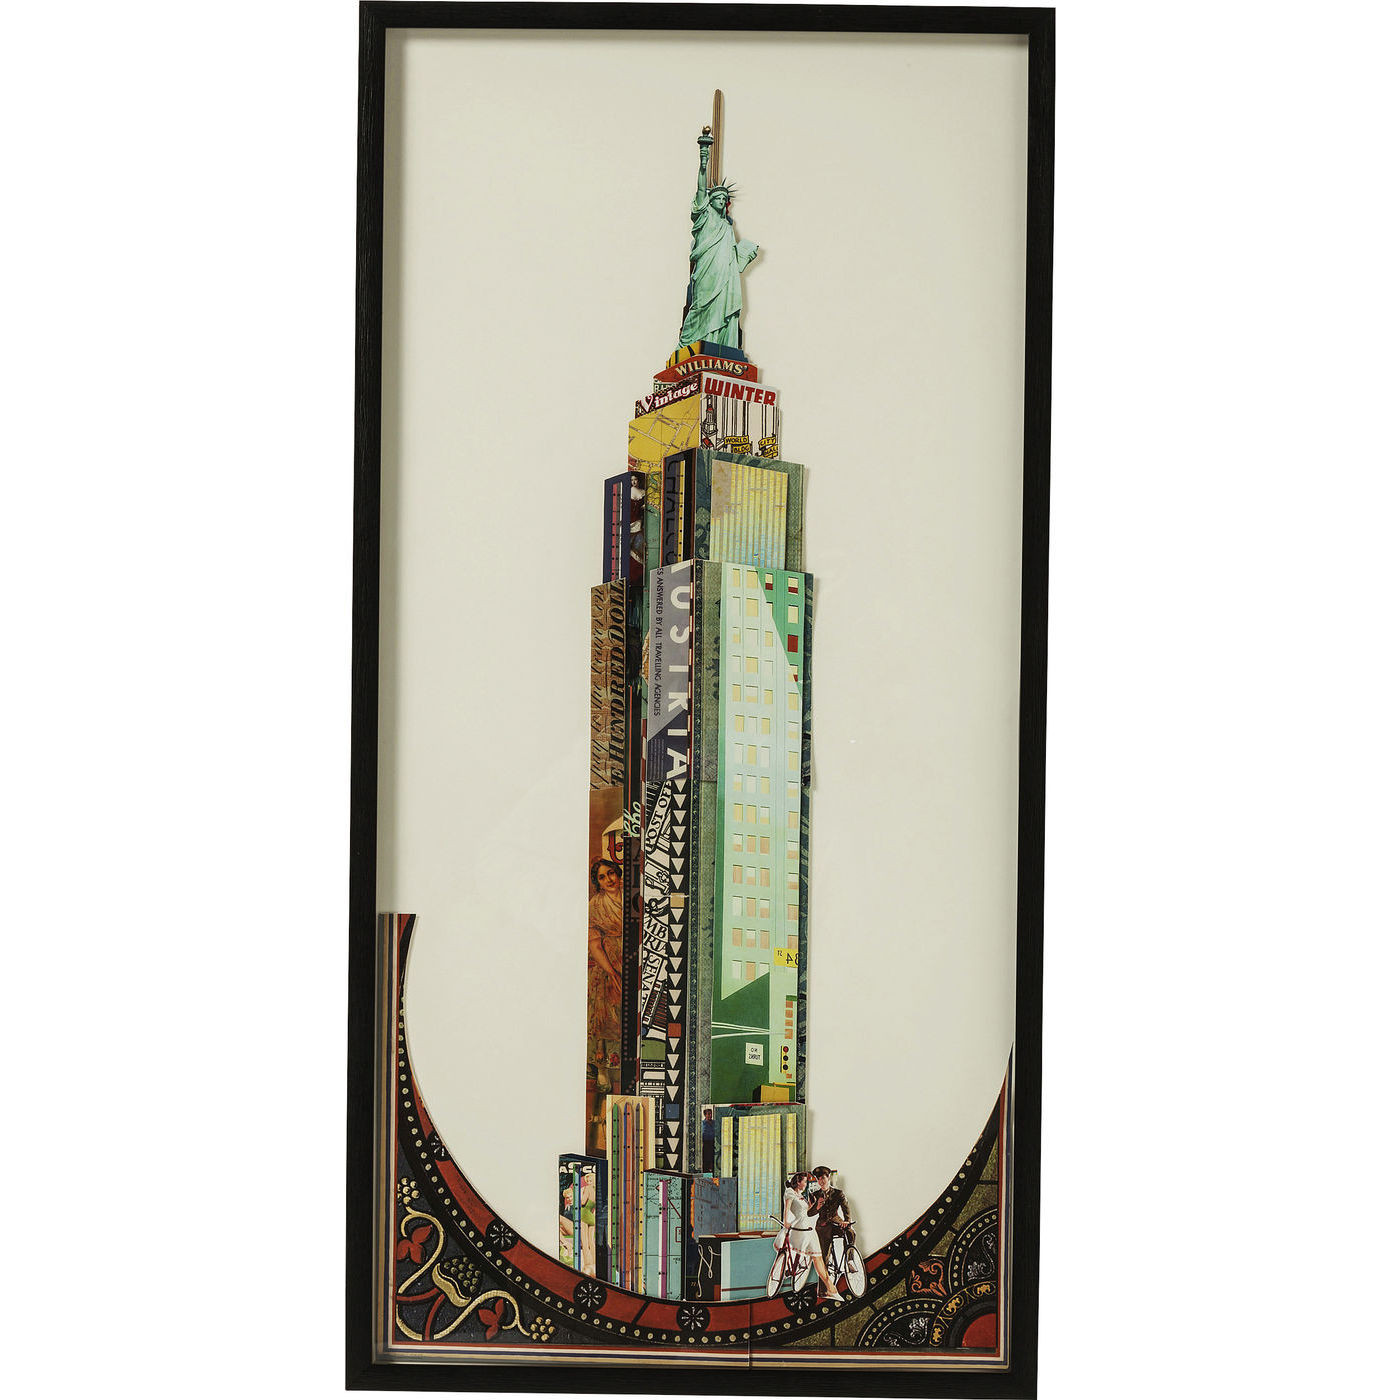 bild frame art empire state building 100x50cm kare design mutoni m bel. Black Bedroom Furniture Sets. Home Design Ideas